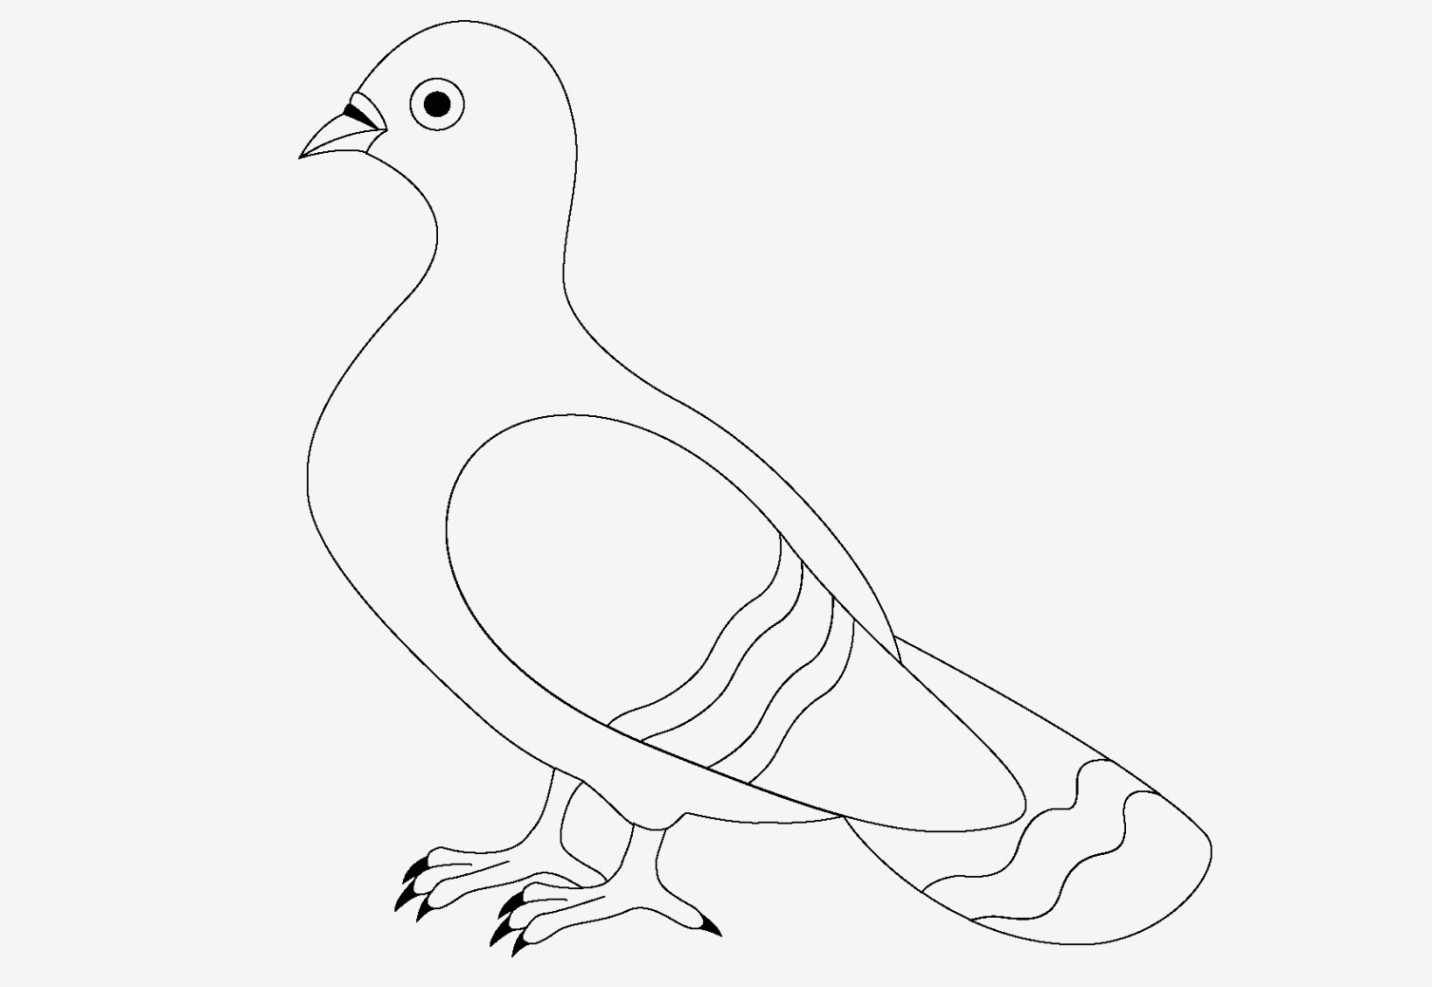 Kreuz Zum Ausmalen Das Beste Von Taube Malvorlagen Kostenlos Beispielbilder Färben Malvorlagen Zum Sammlung